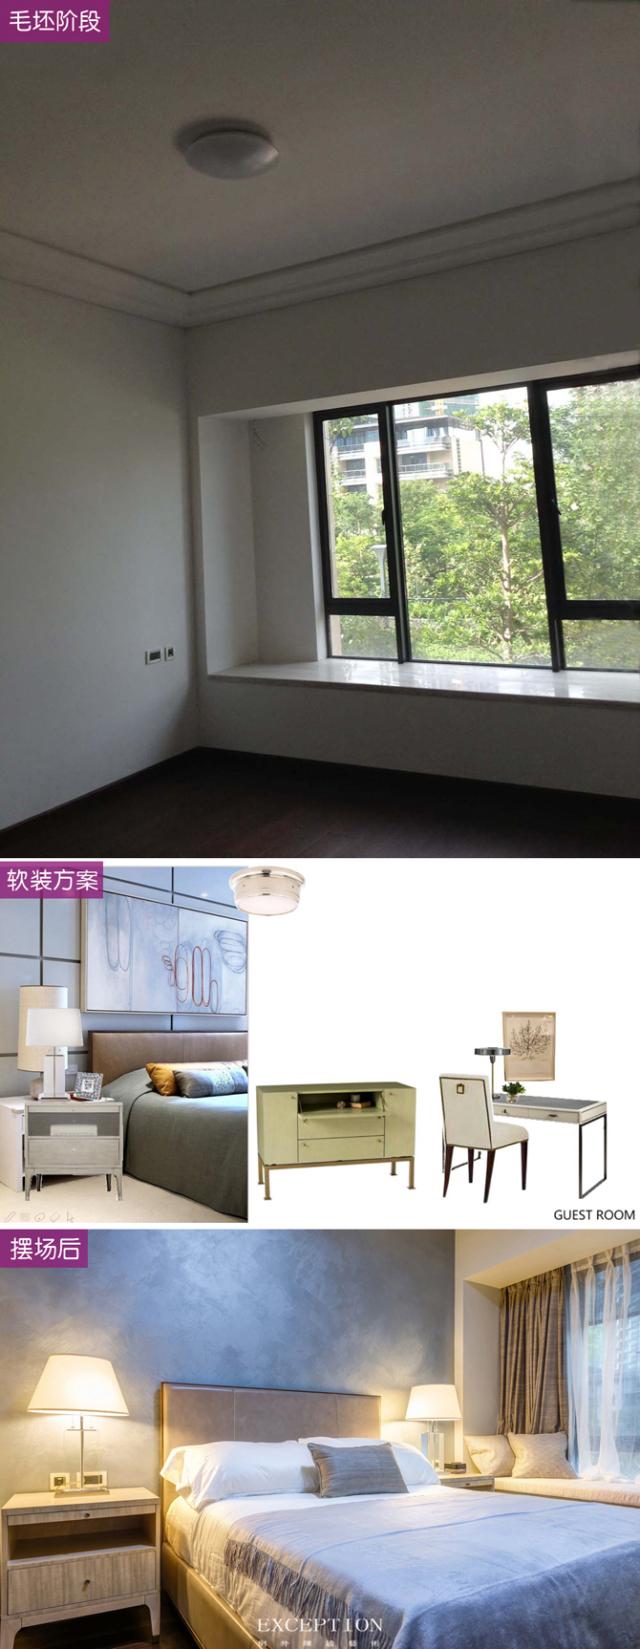 次卧前后对比图:-毅气风发--招商双玺豪宅软装设计全案第20张图片